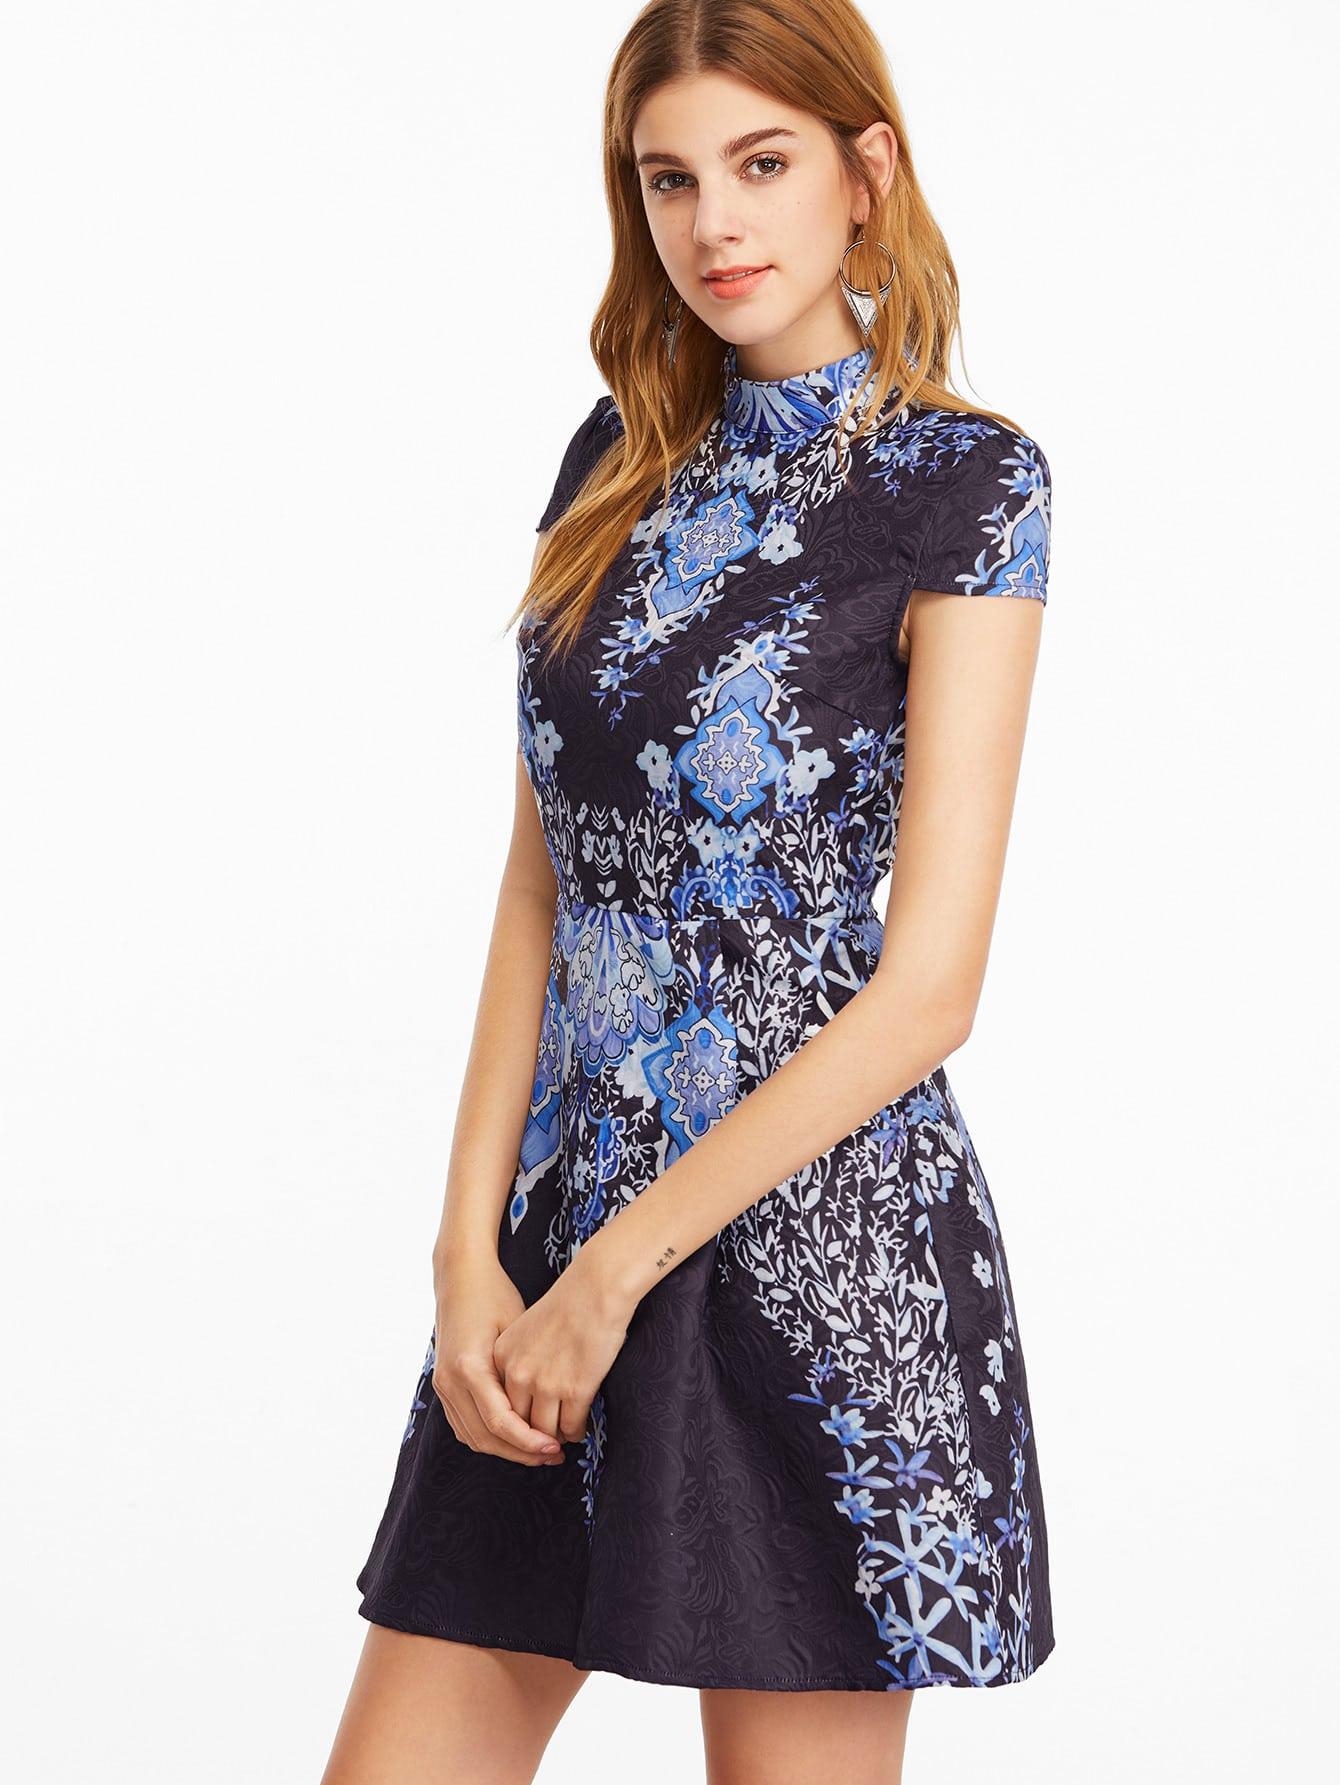 dress161216705_2